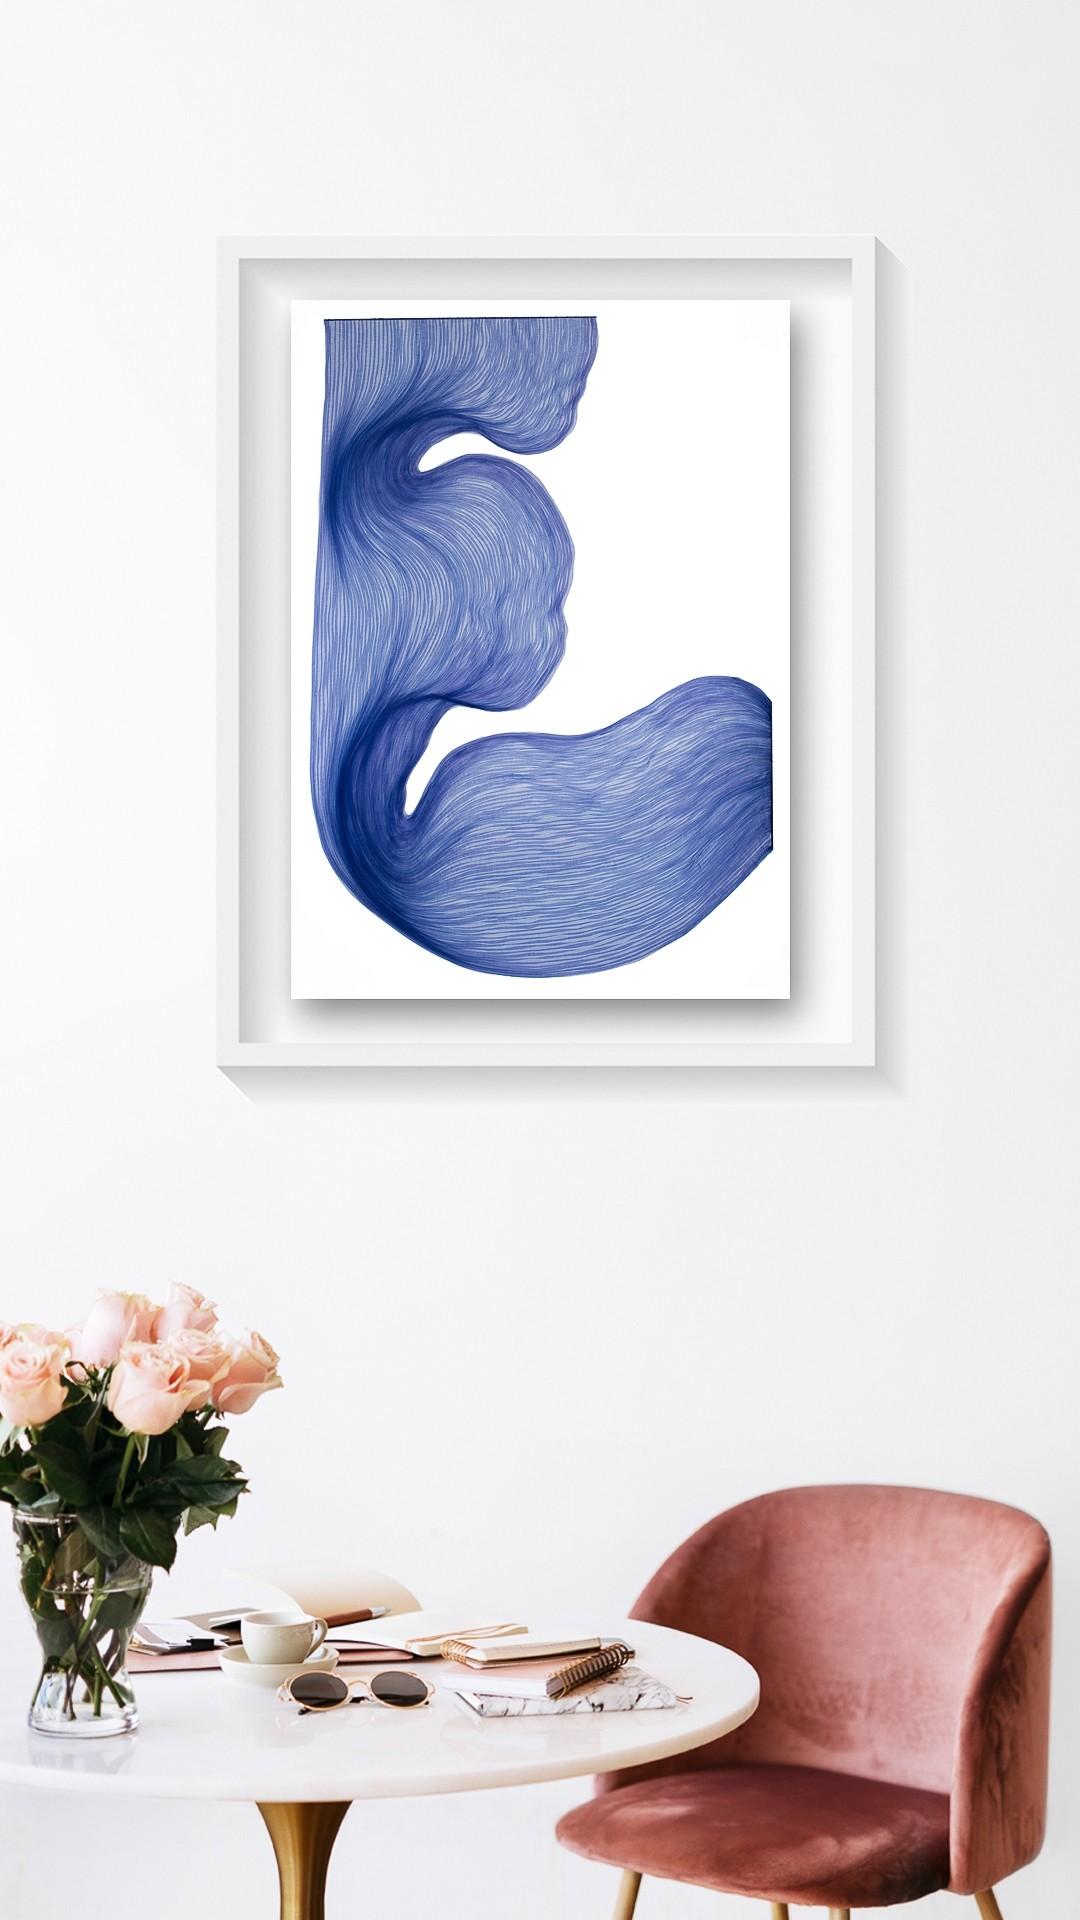 Lavender Blue | Lali Torma | Zeichnung | Kalligraphietusche auf Papier, gerahmt - 2